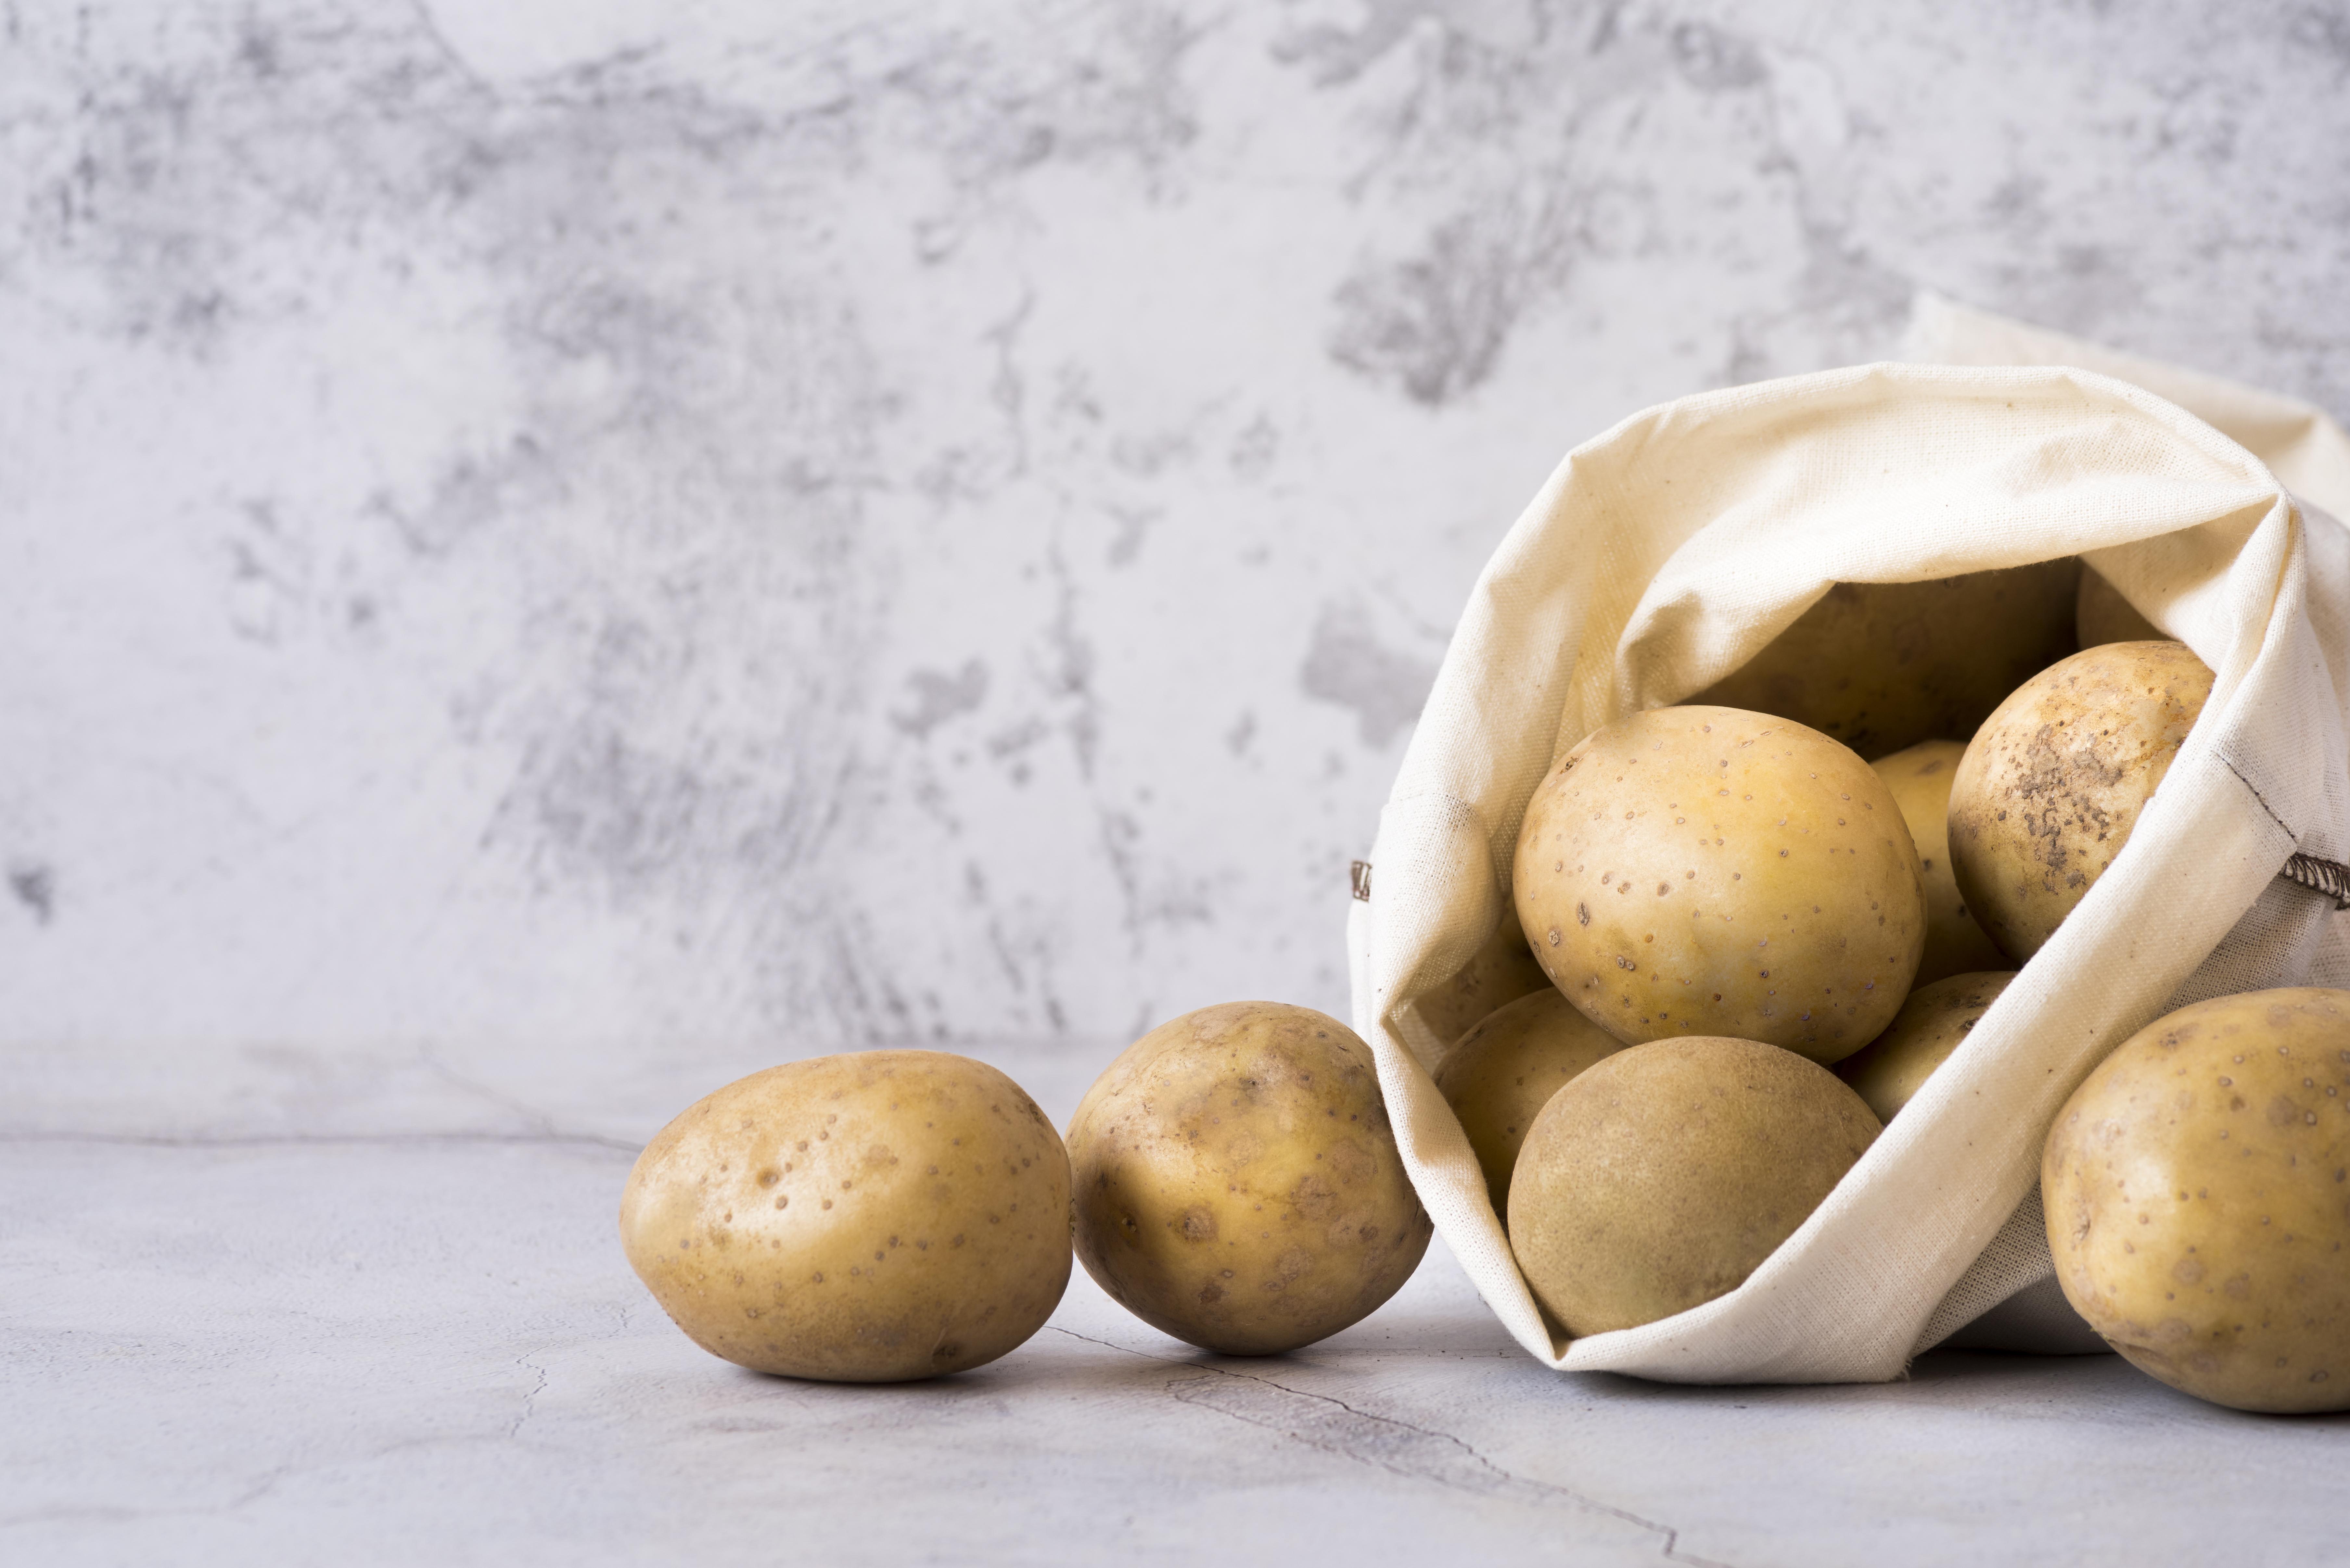 [Potato]